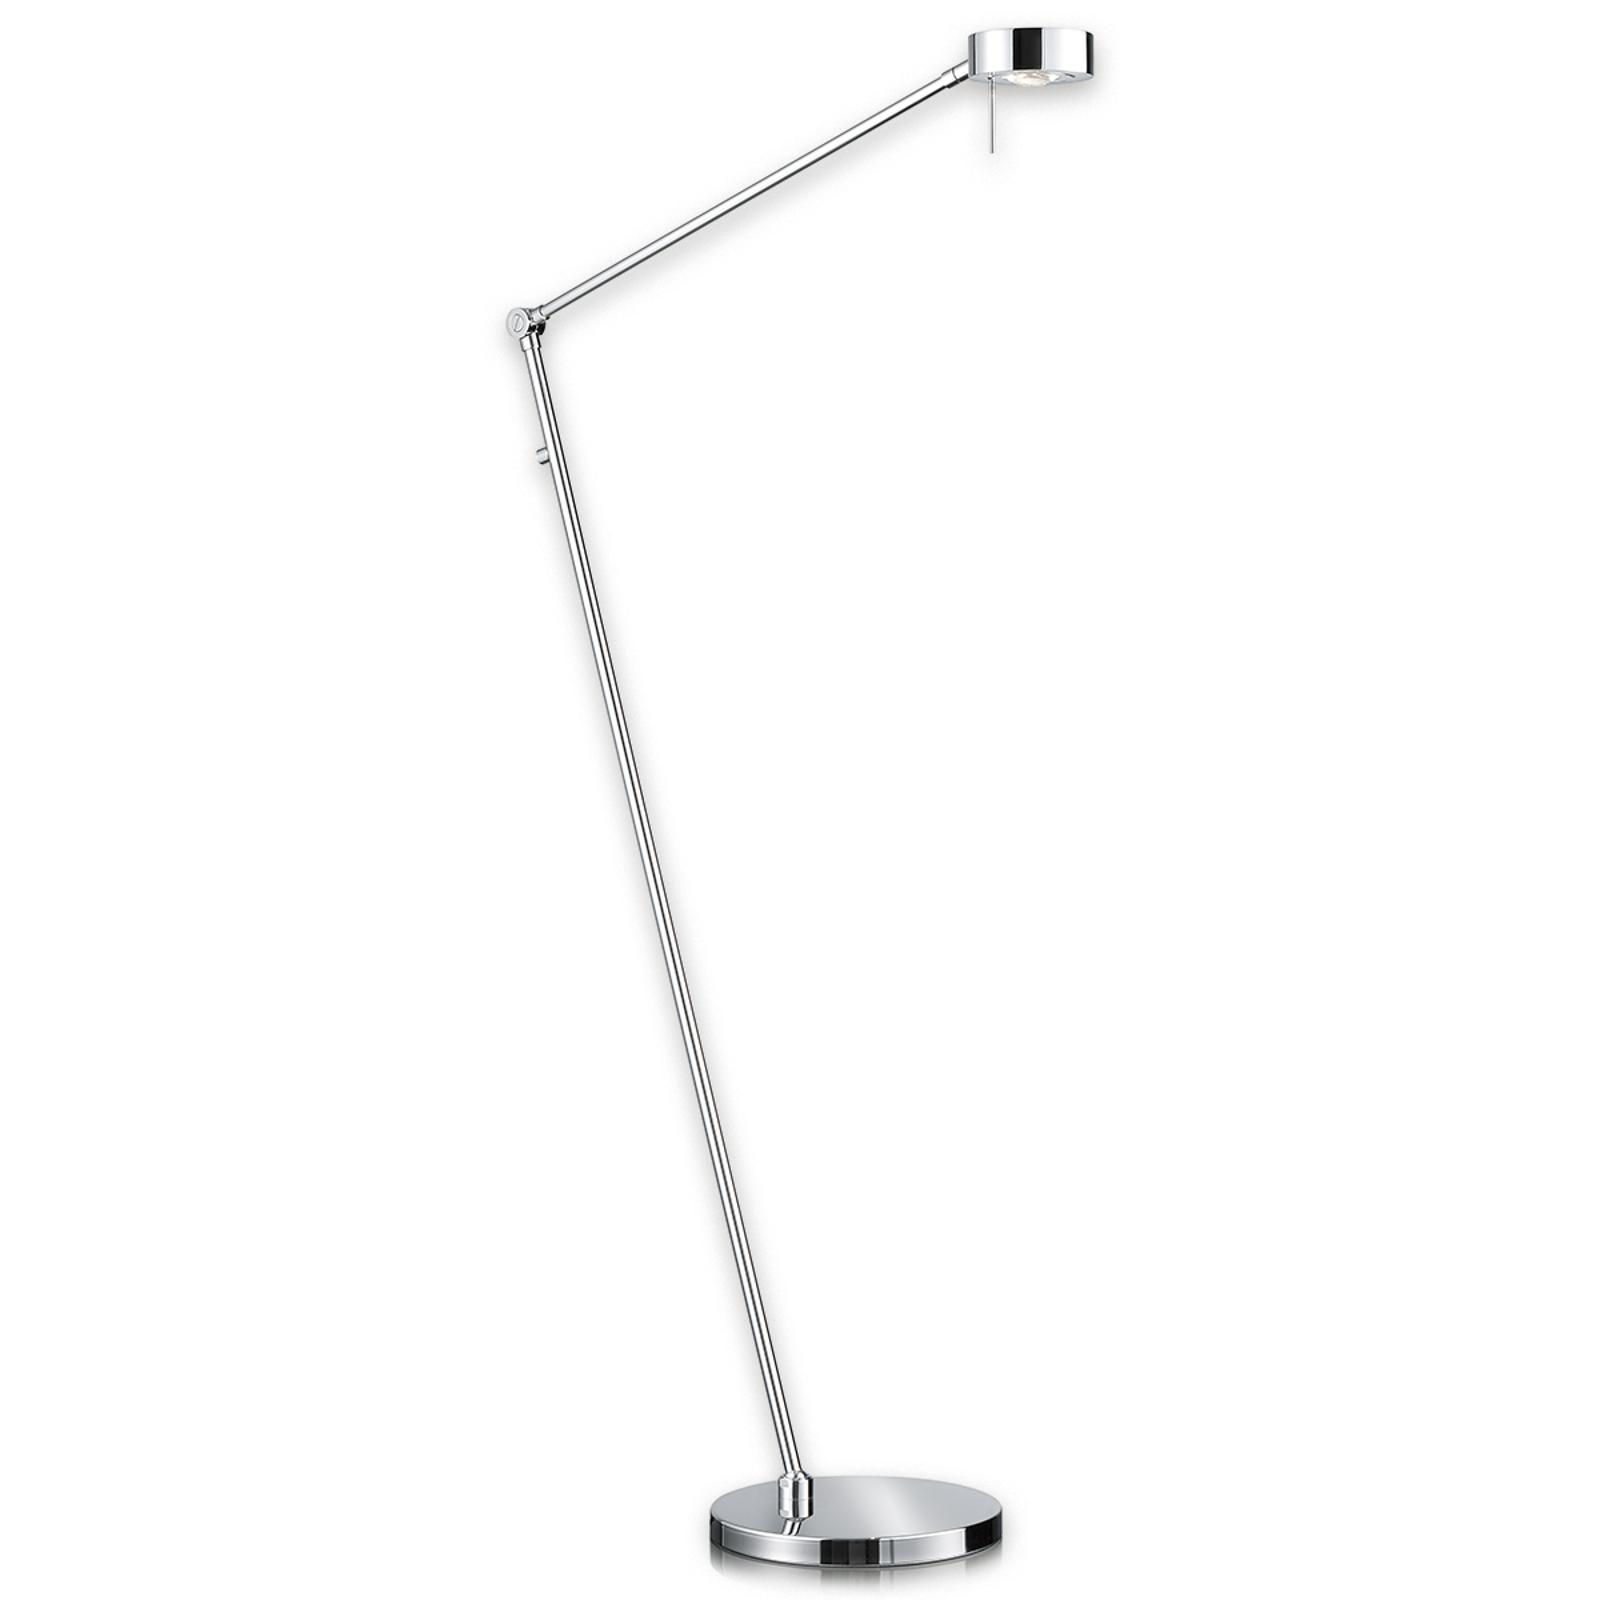 LED-vloerlamp Elegance, 3-scharnieren, chroom